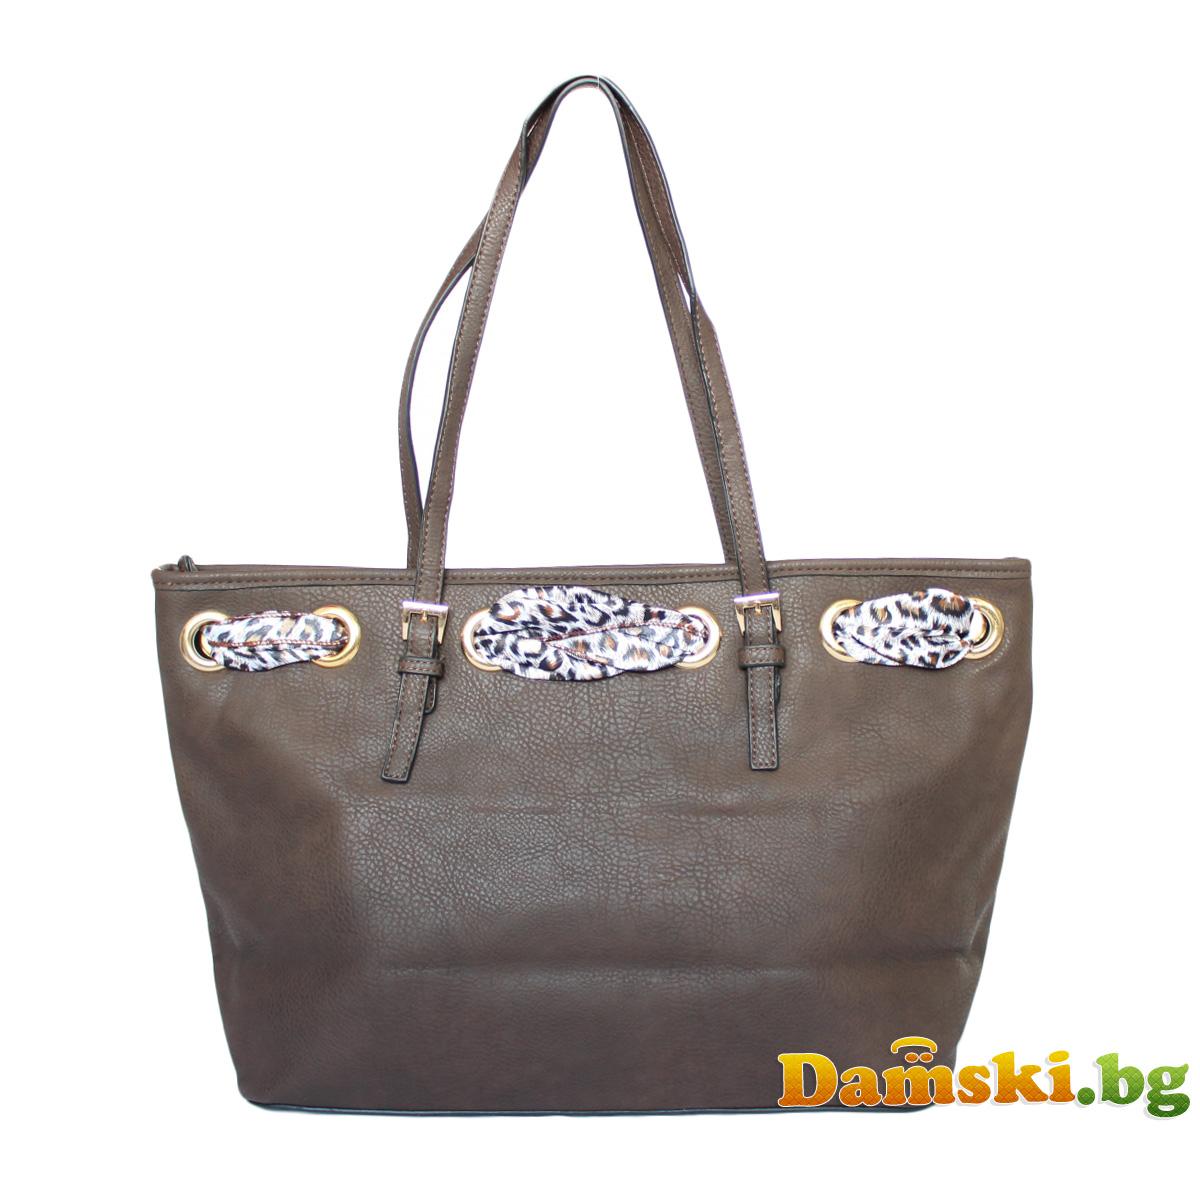 Стилна дамска чанта с шалче - тъмно кафява Снимка 2 от 3